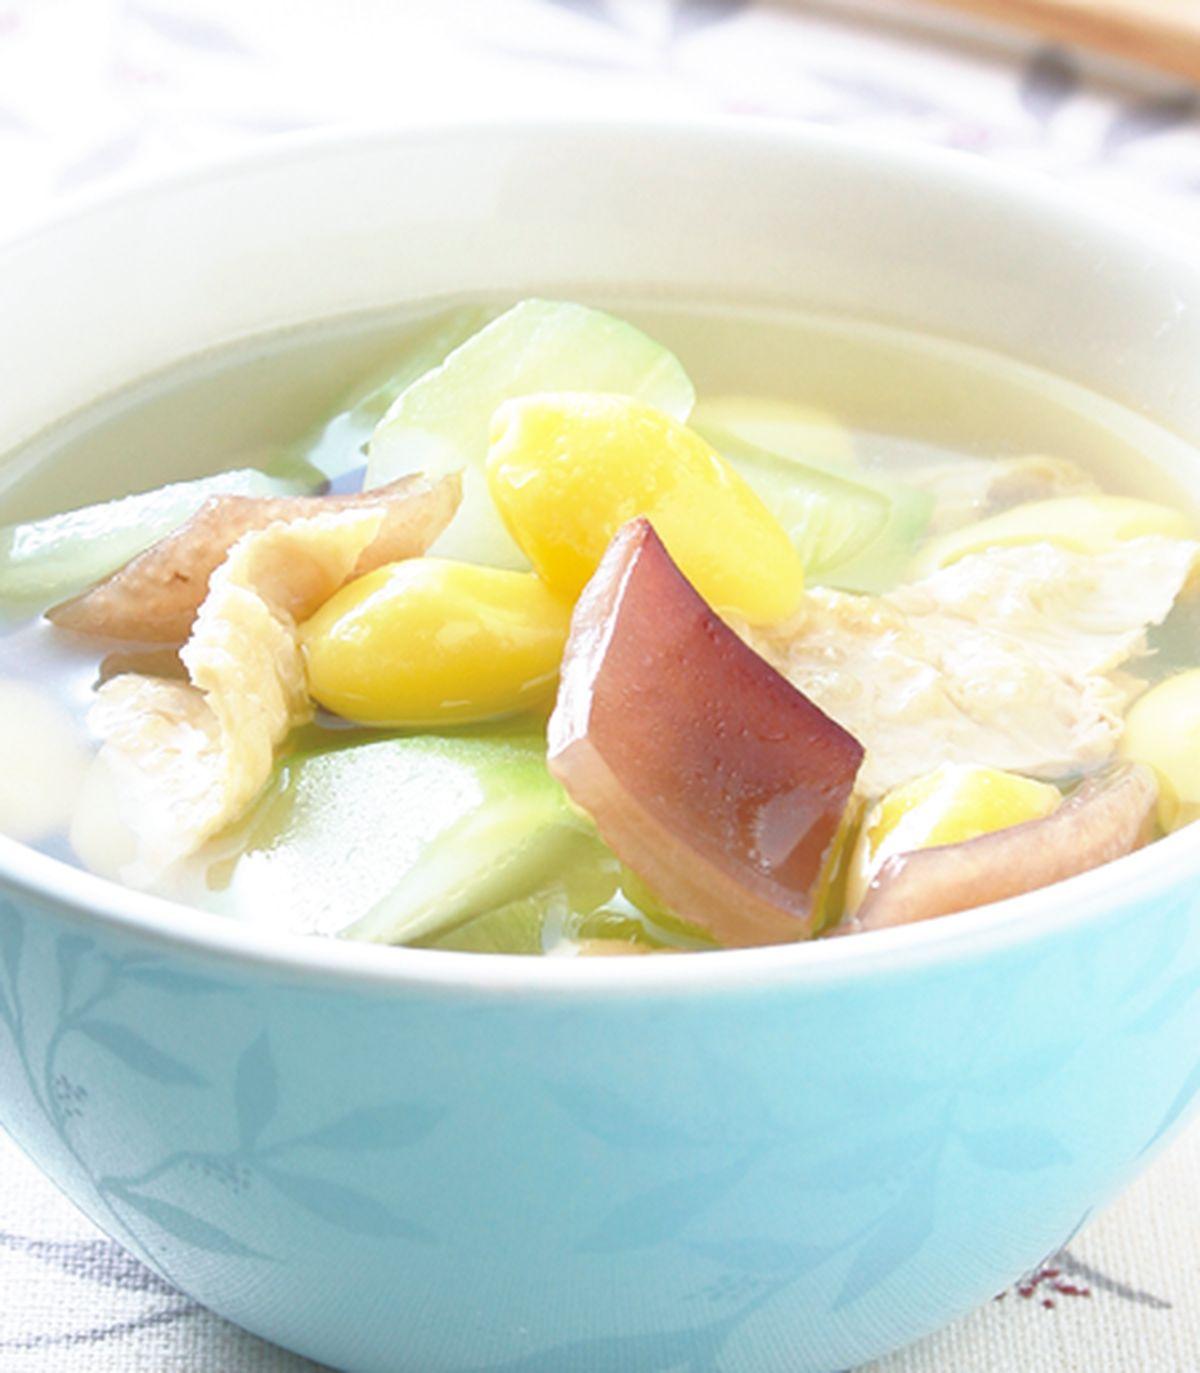 食譜:黃瓜白果豆皮湯